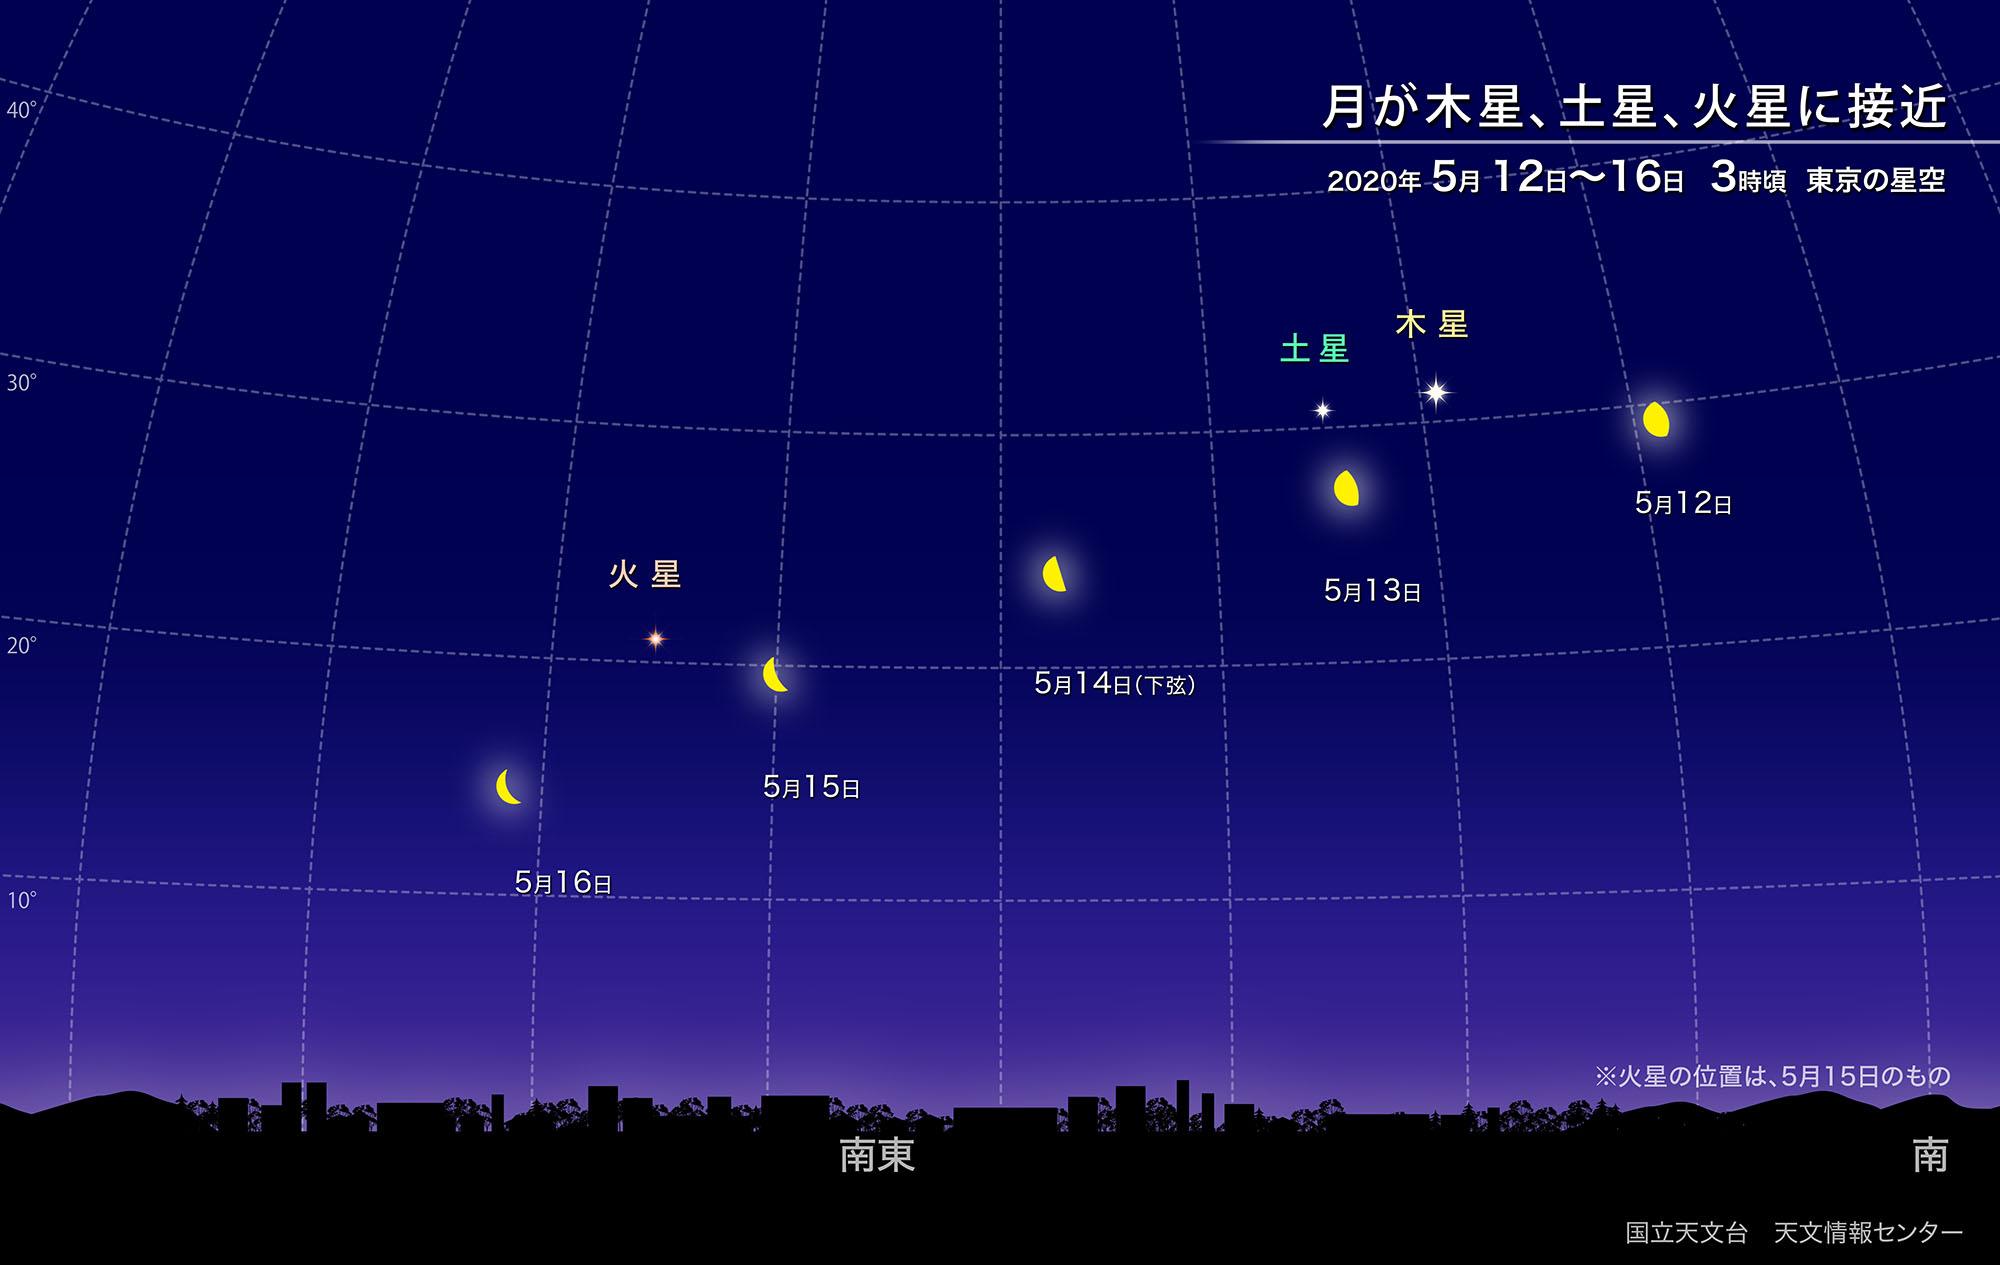 月が木星、土星、火星に次々と接近(2020年5月) | 国立天文台(NAOJ)